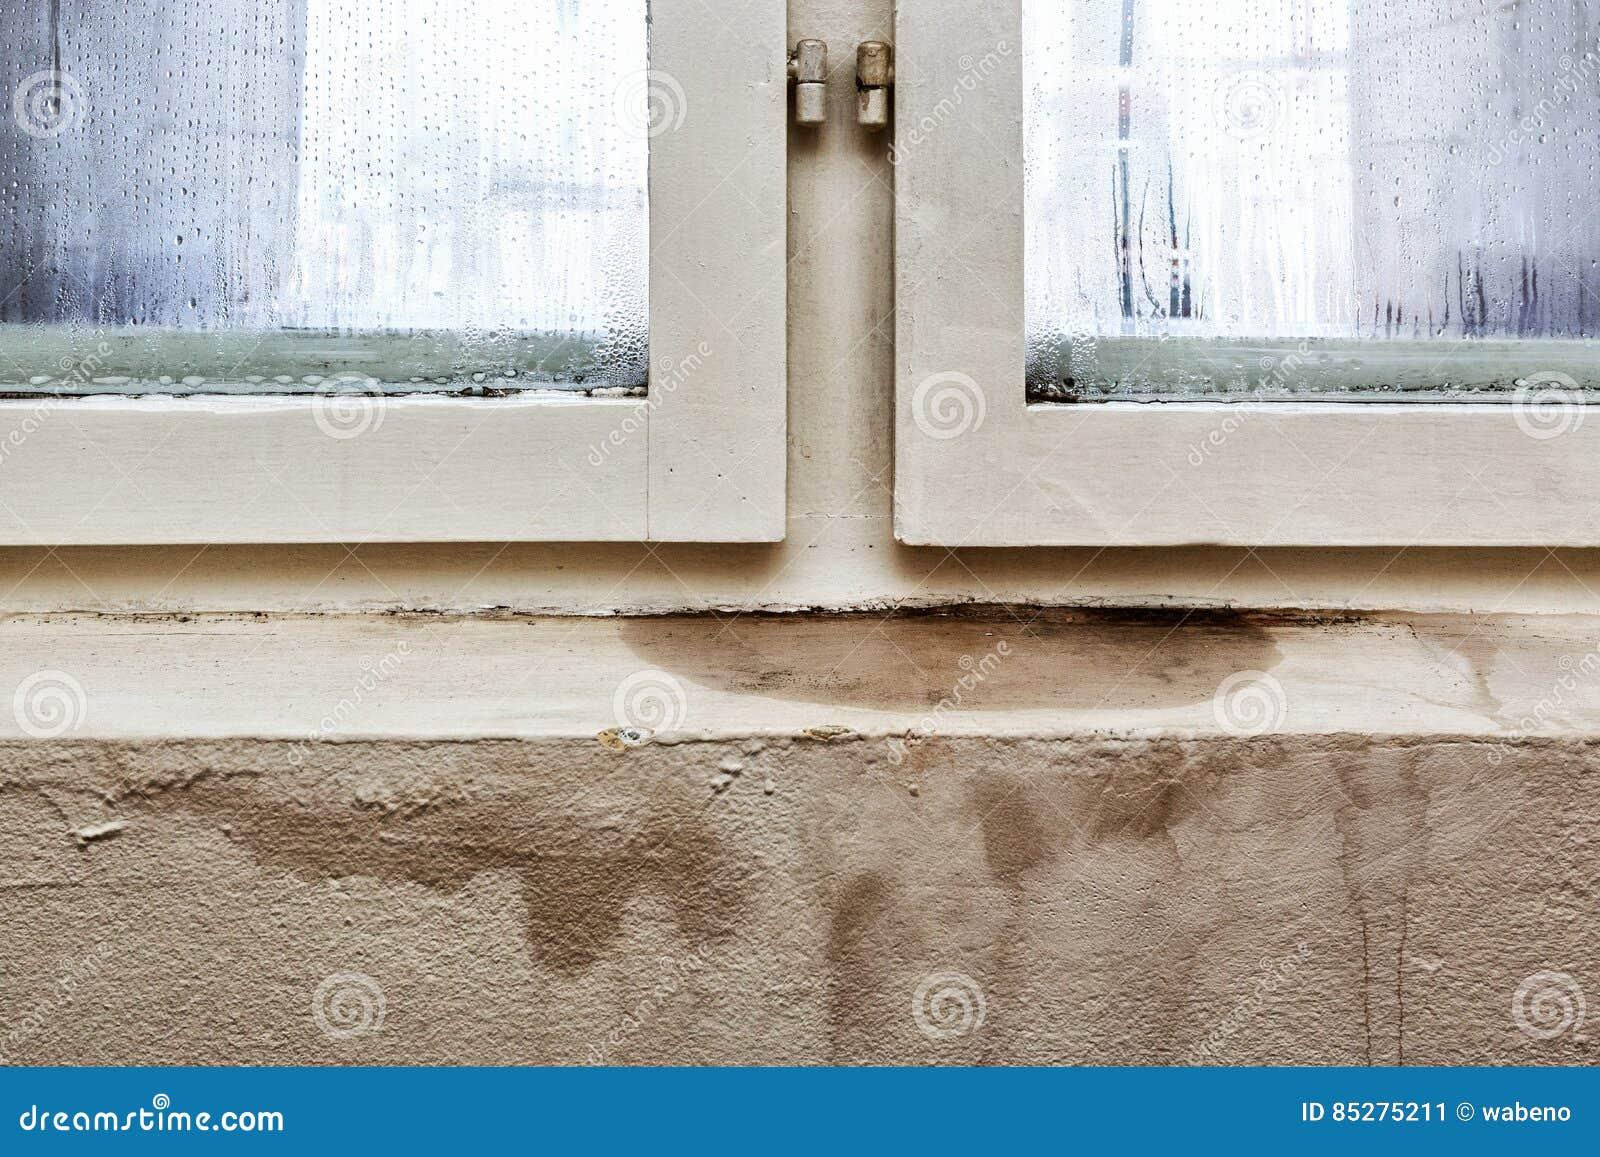 Humidité et moule - problèmes dans une maison